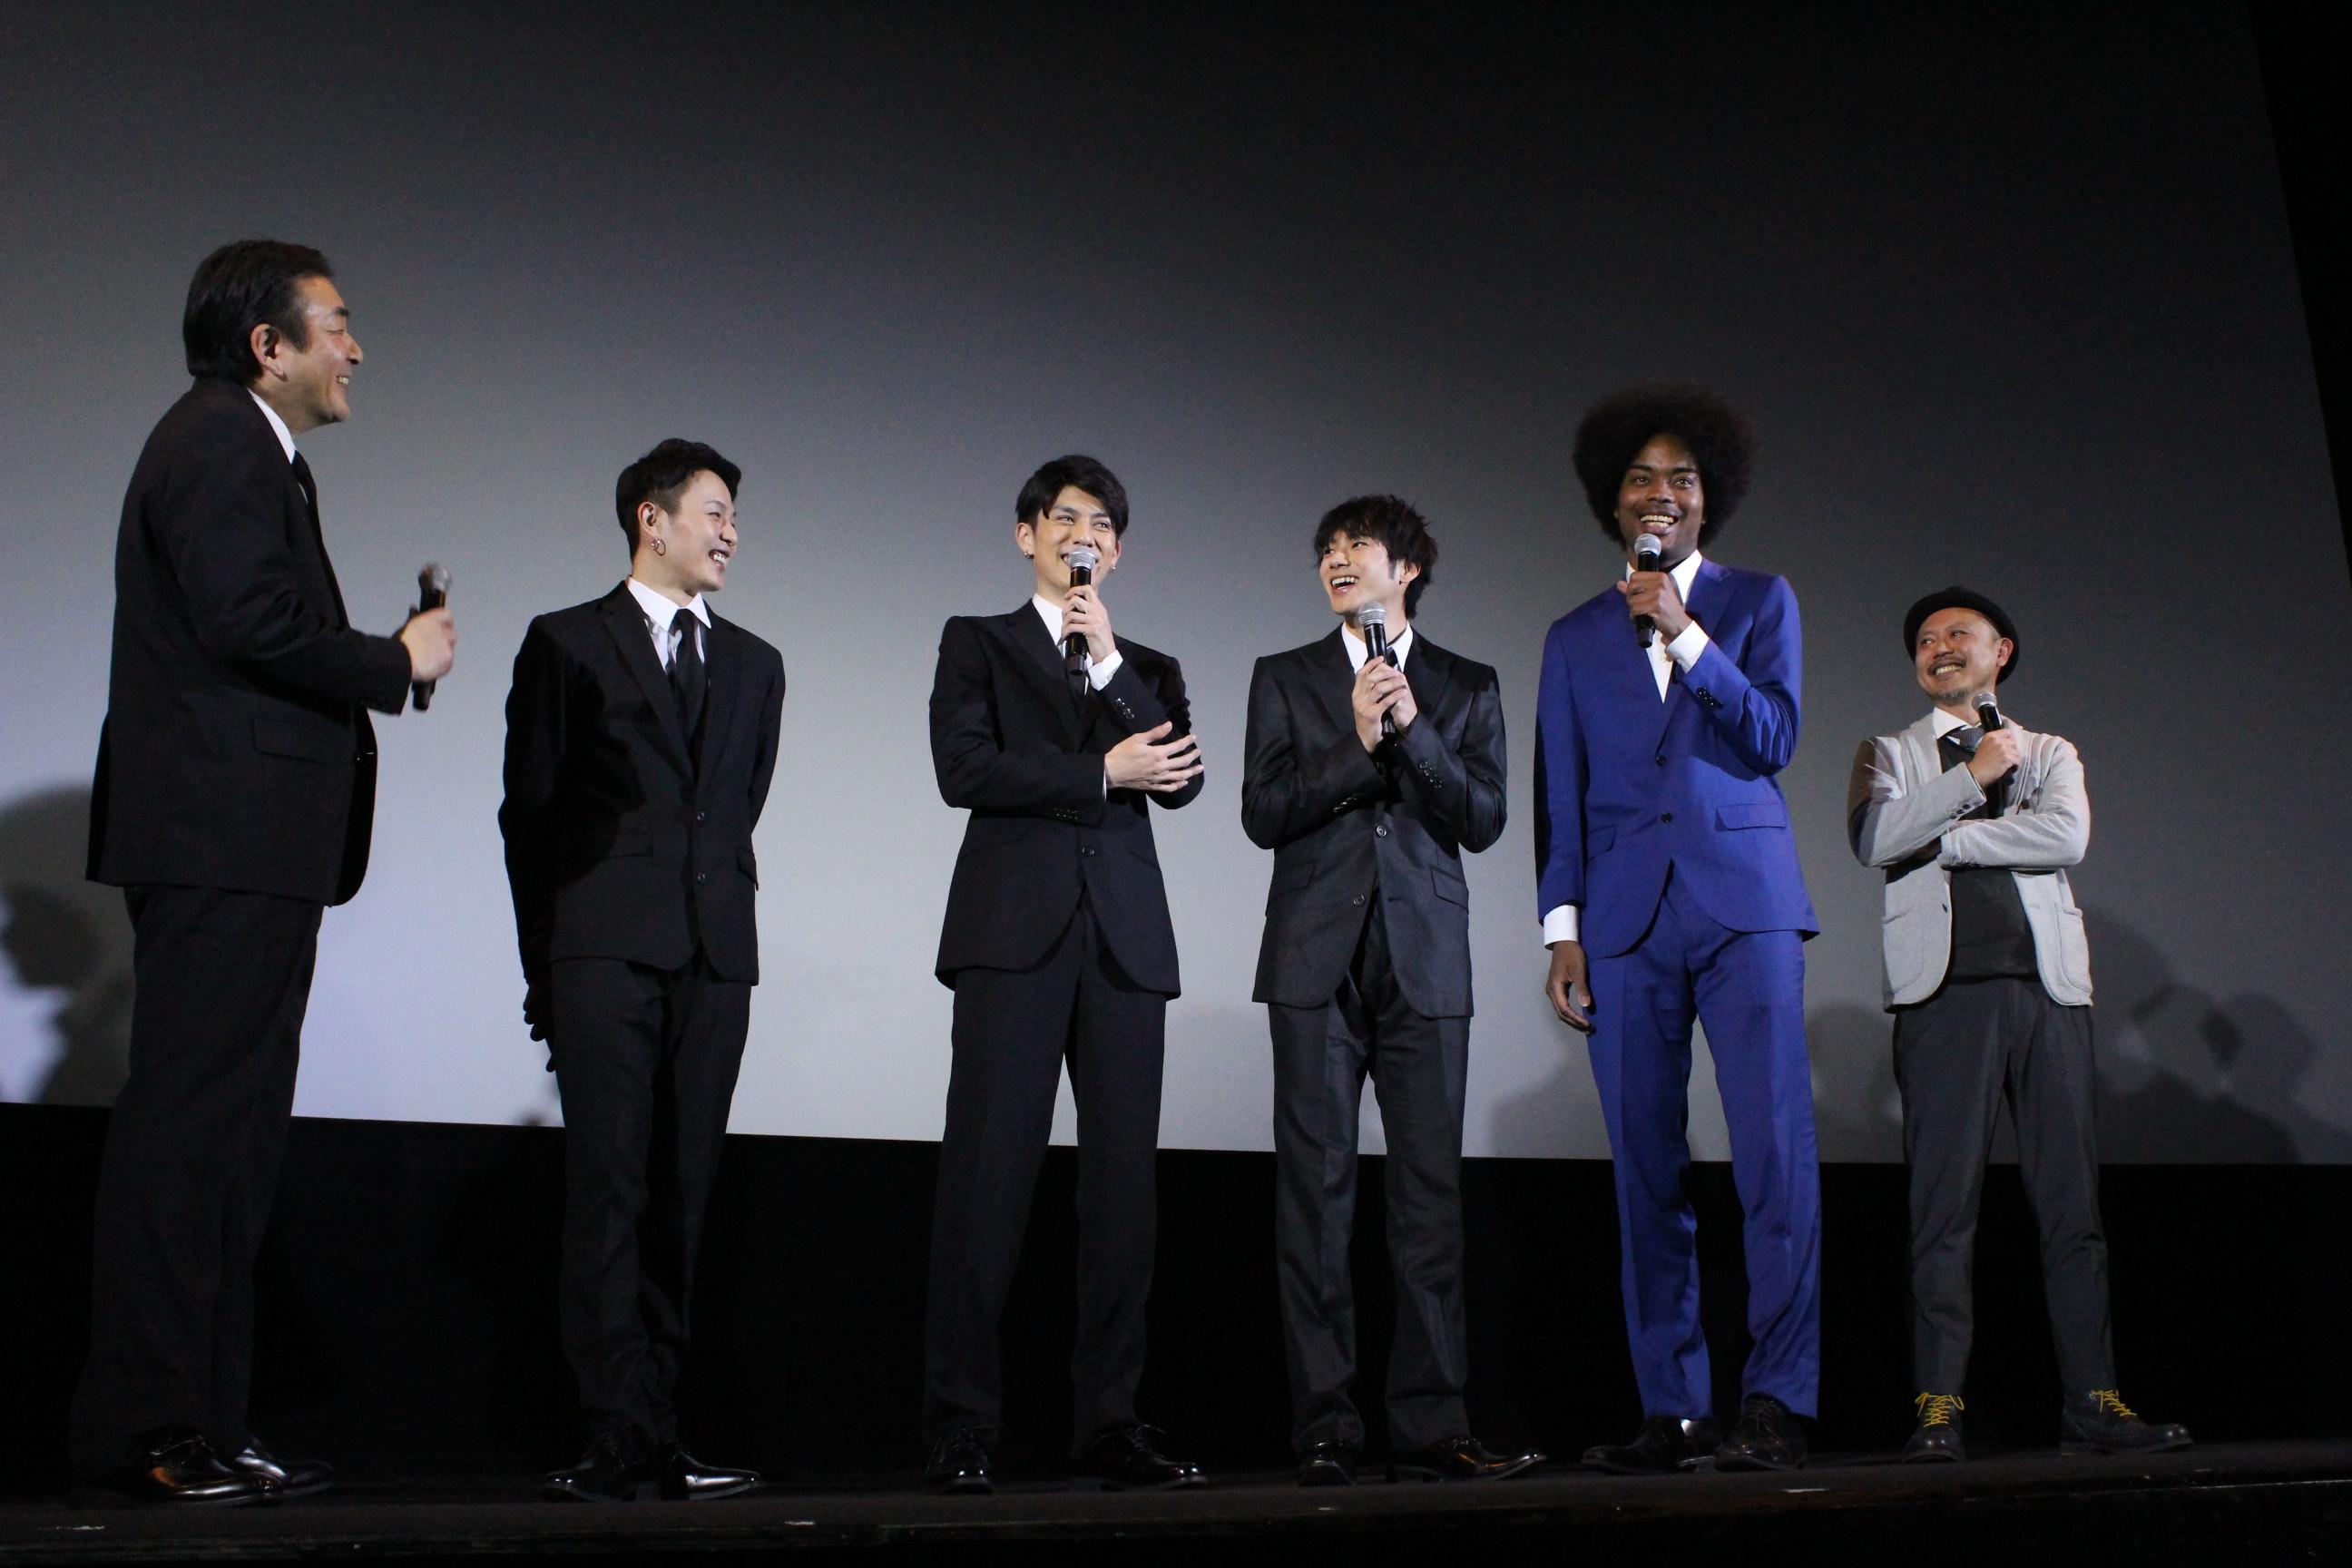 左から、菅原大吉、荒木宏文、青木玄徳、山田裕貴、副島淳、元木隆史監督